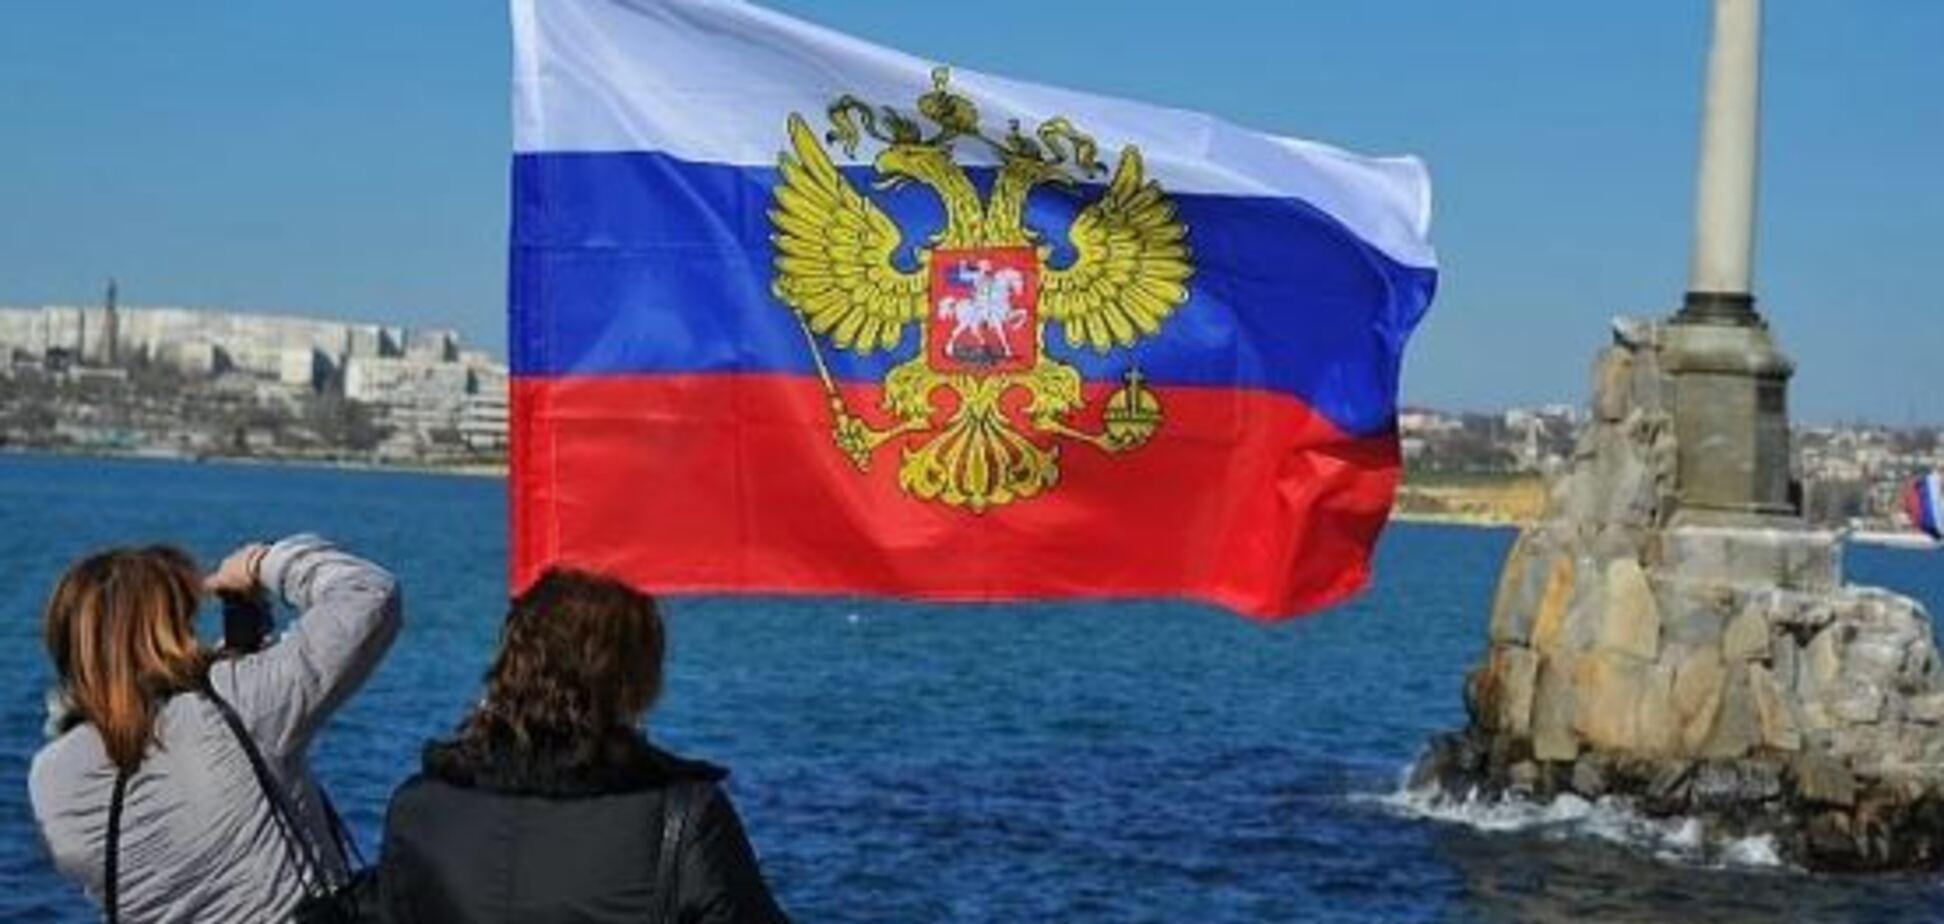 Фанат Путіна раптово заговорив про повернення Криму Україні